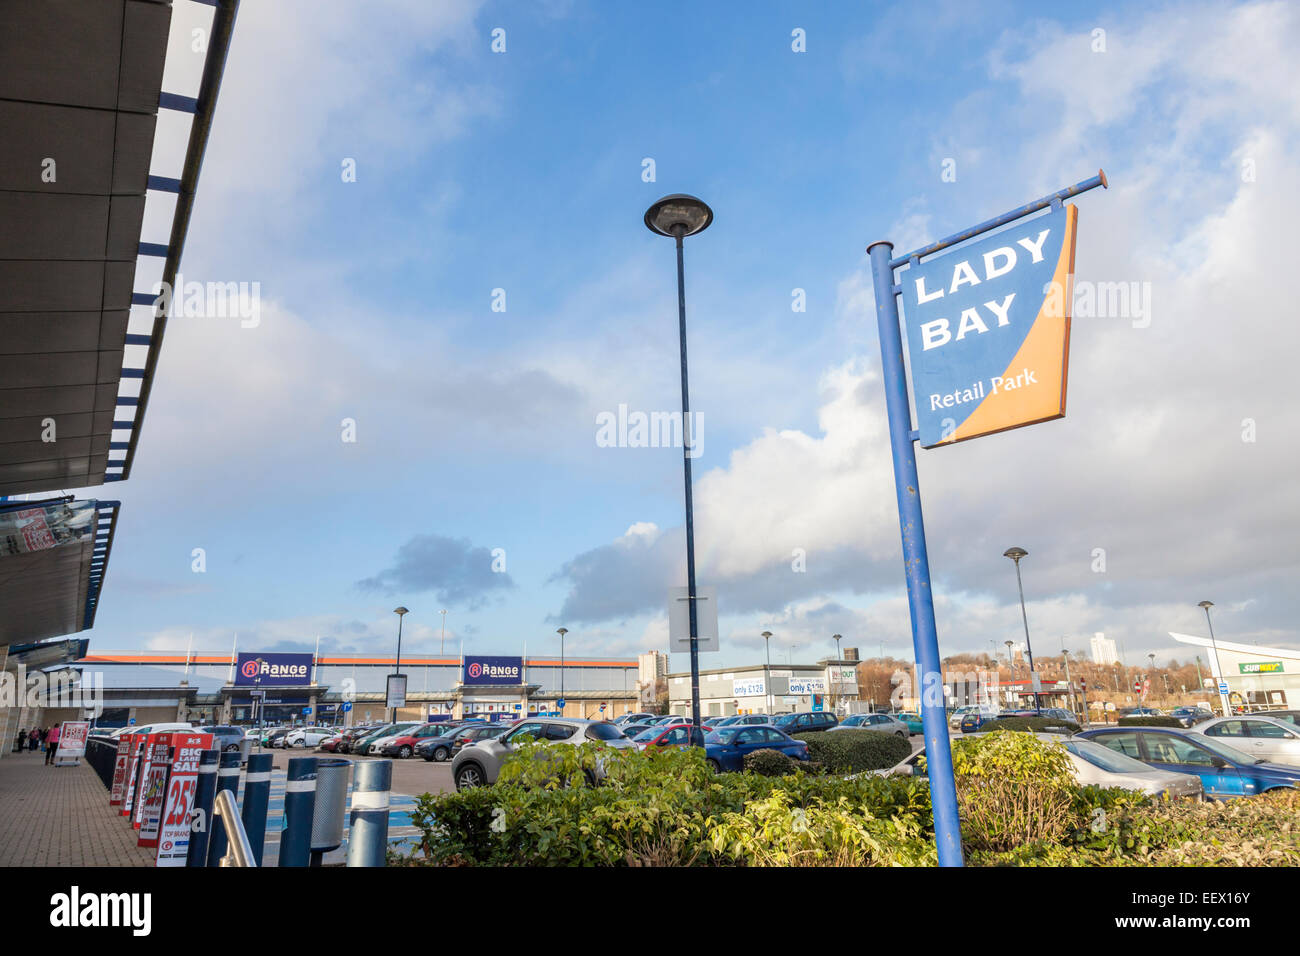 Lady Bay Retail Park, Nottingham, England, UK - Stock Image